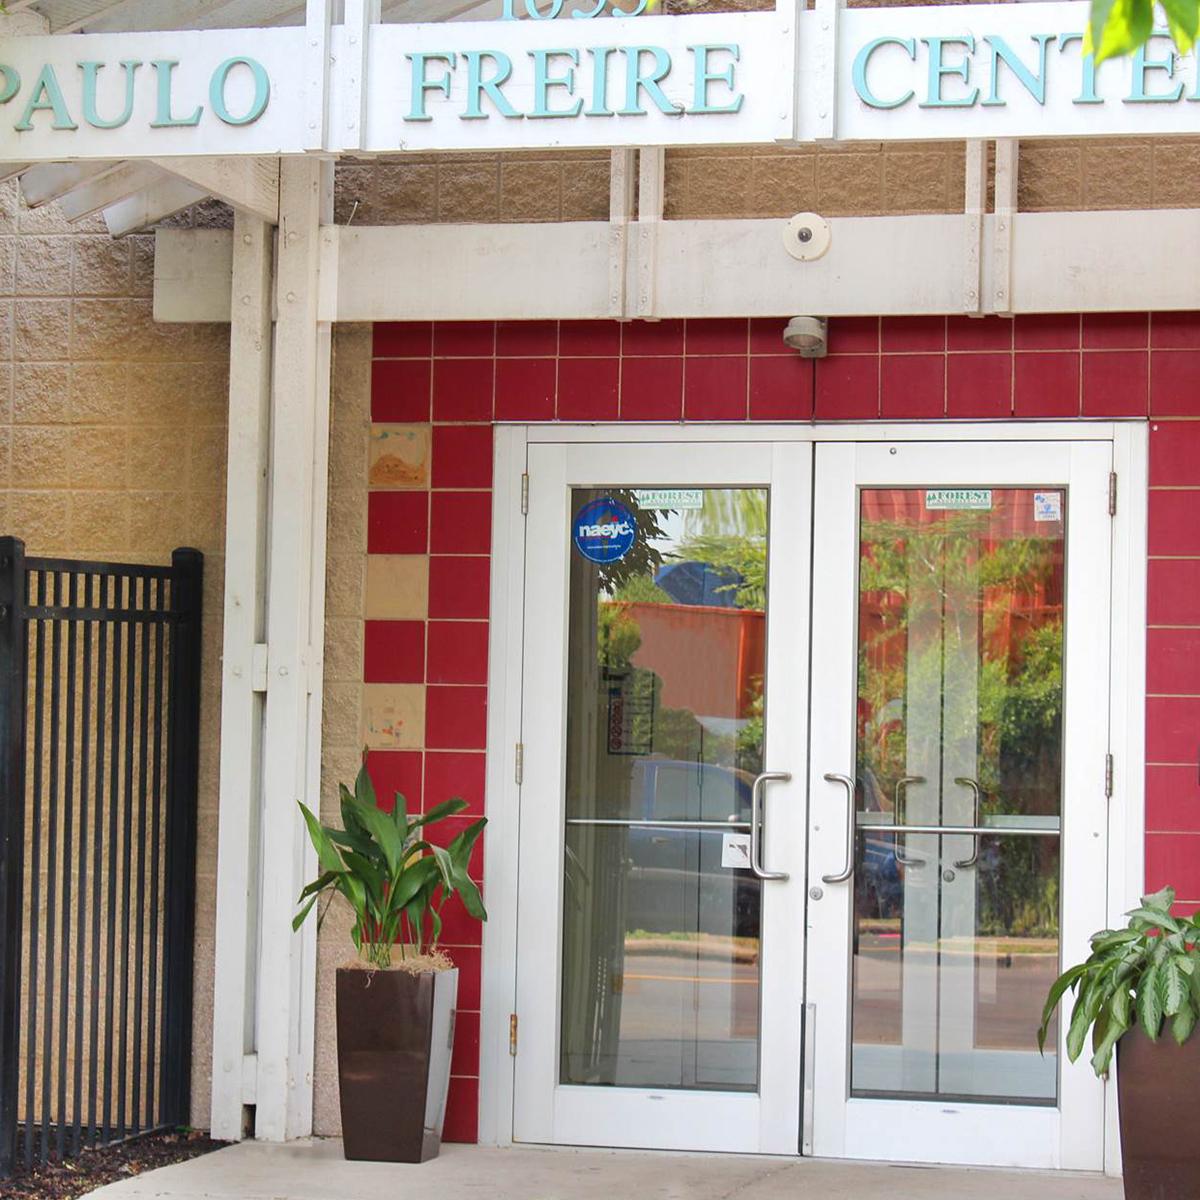 Photo of front door of Paulo Freire Center